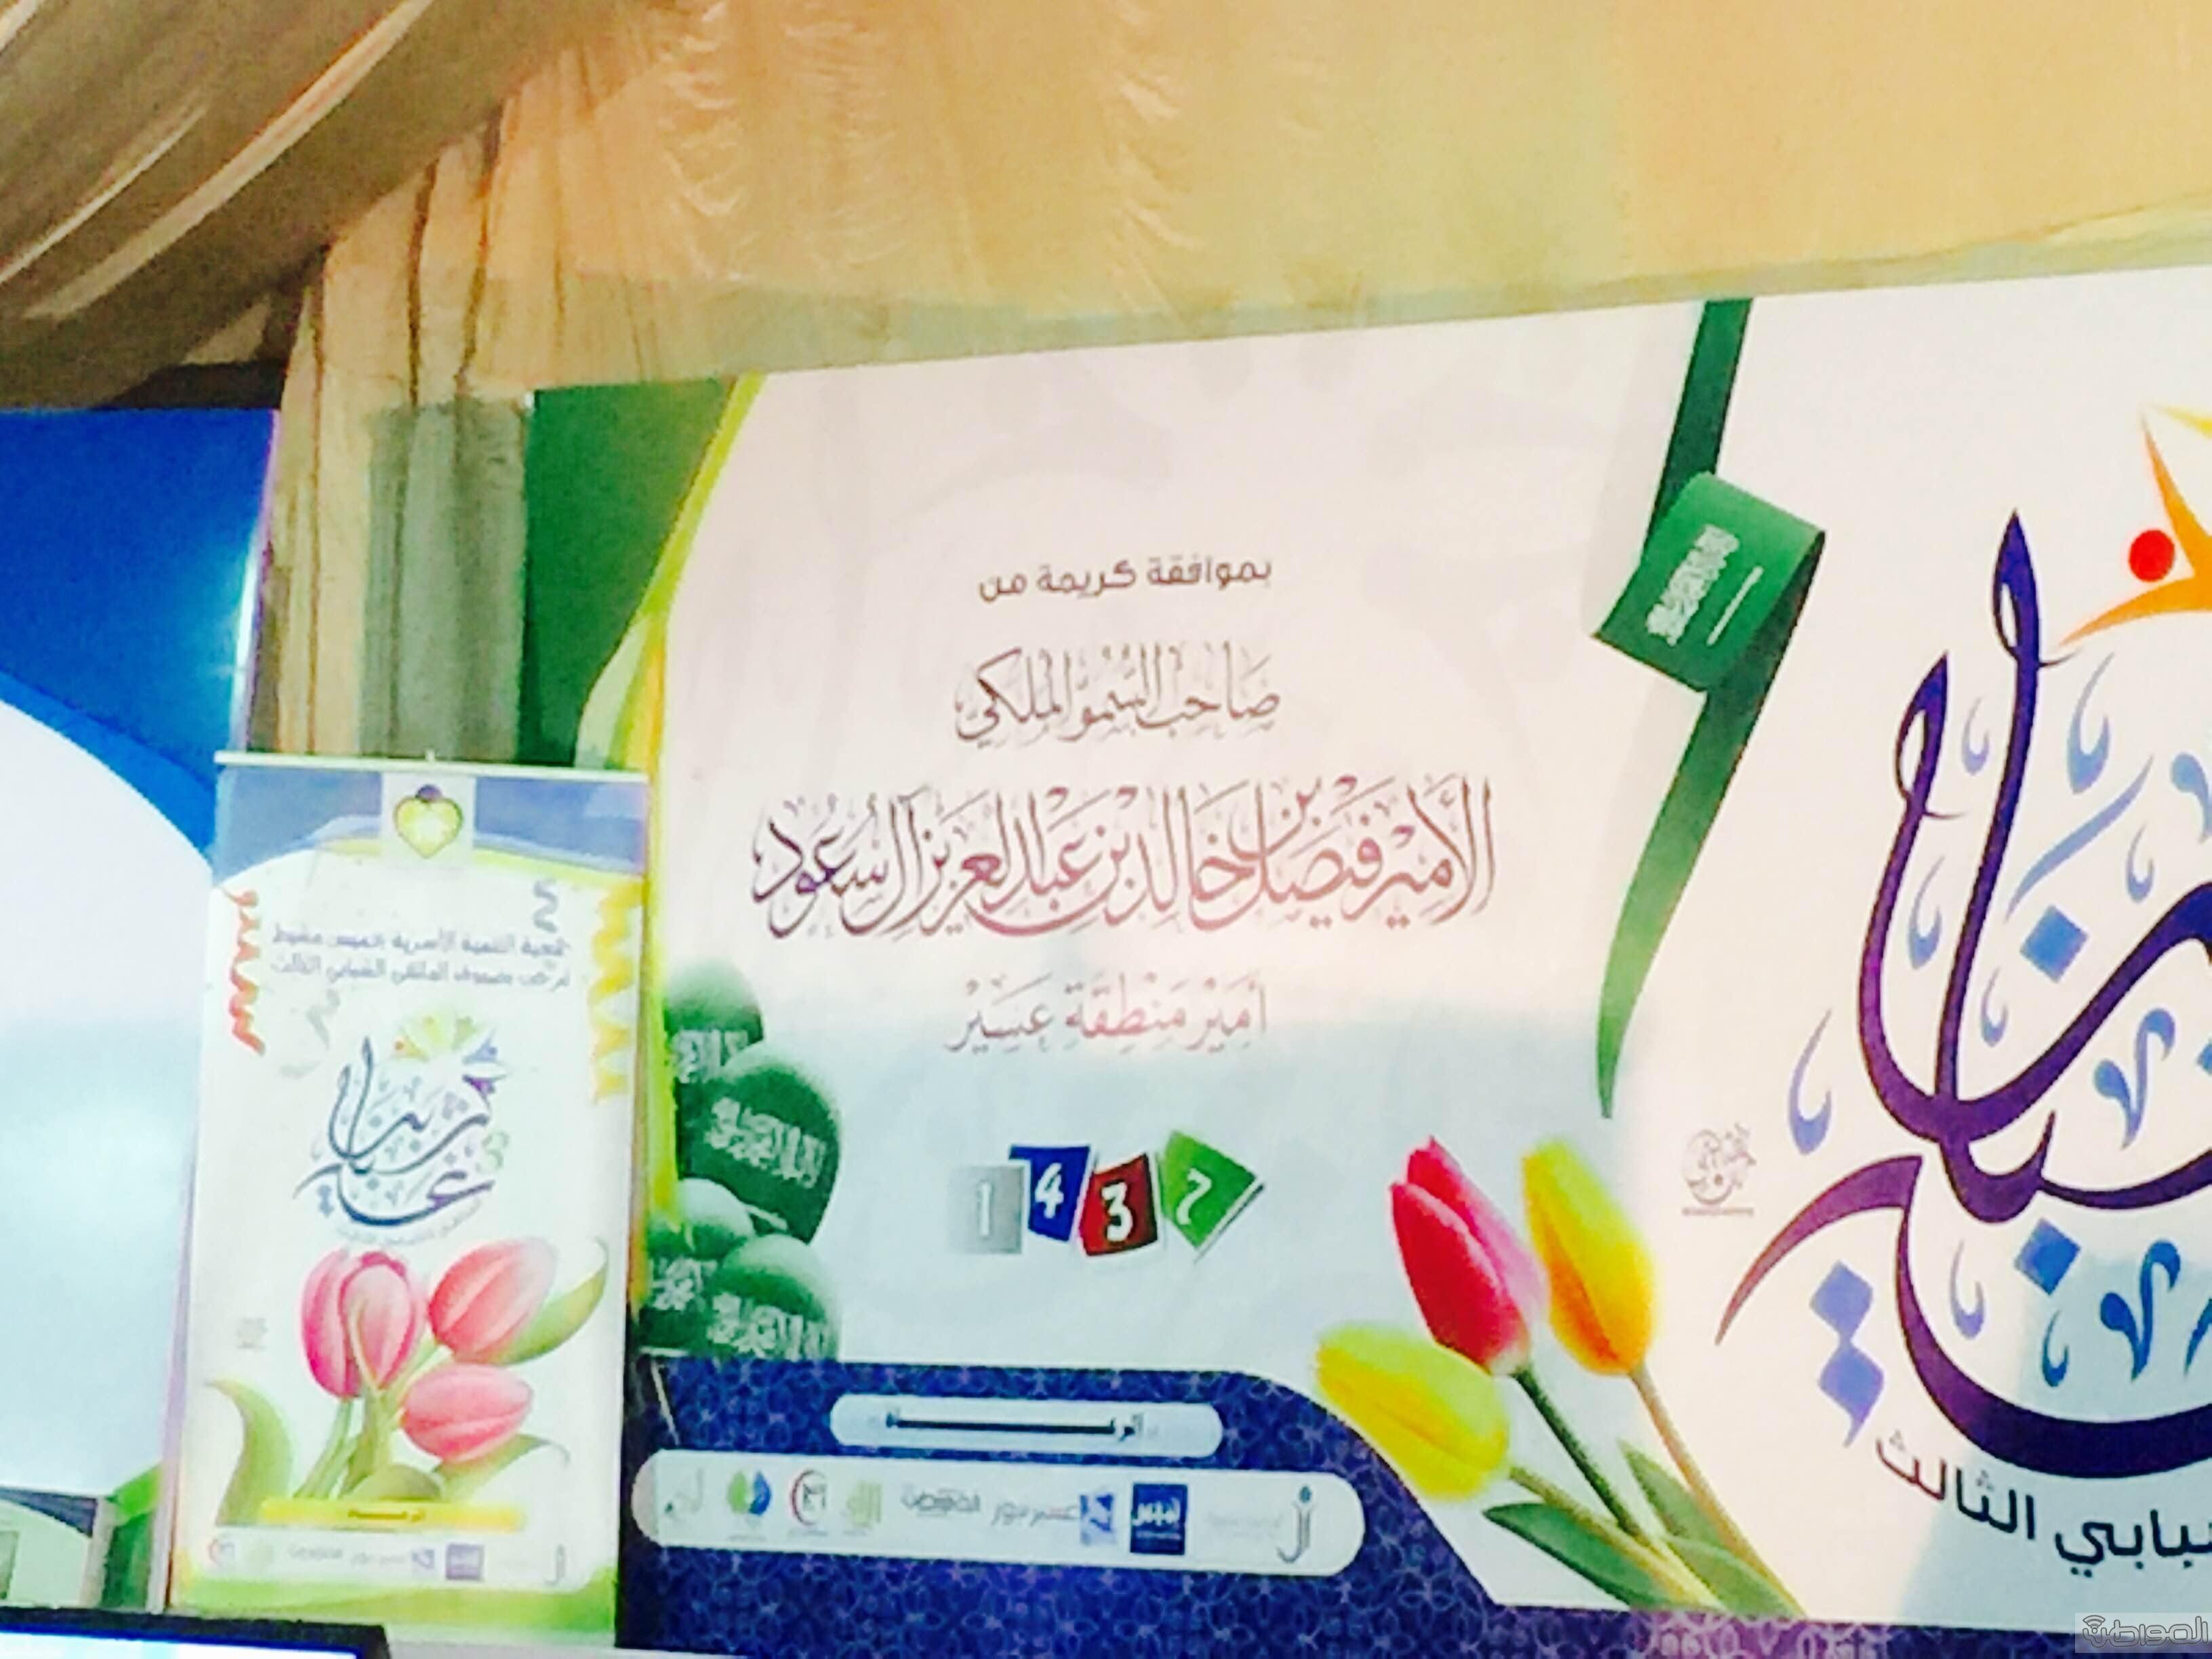 محافظ خميس مشيط يكرم المواطن في ختام فعاليات ملتقى شبابنا غير (1)